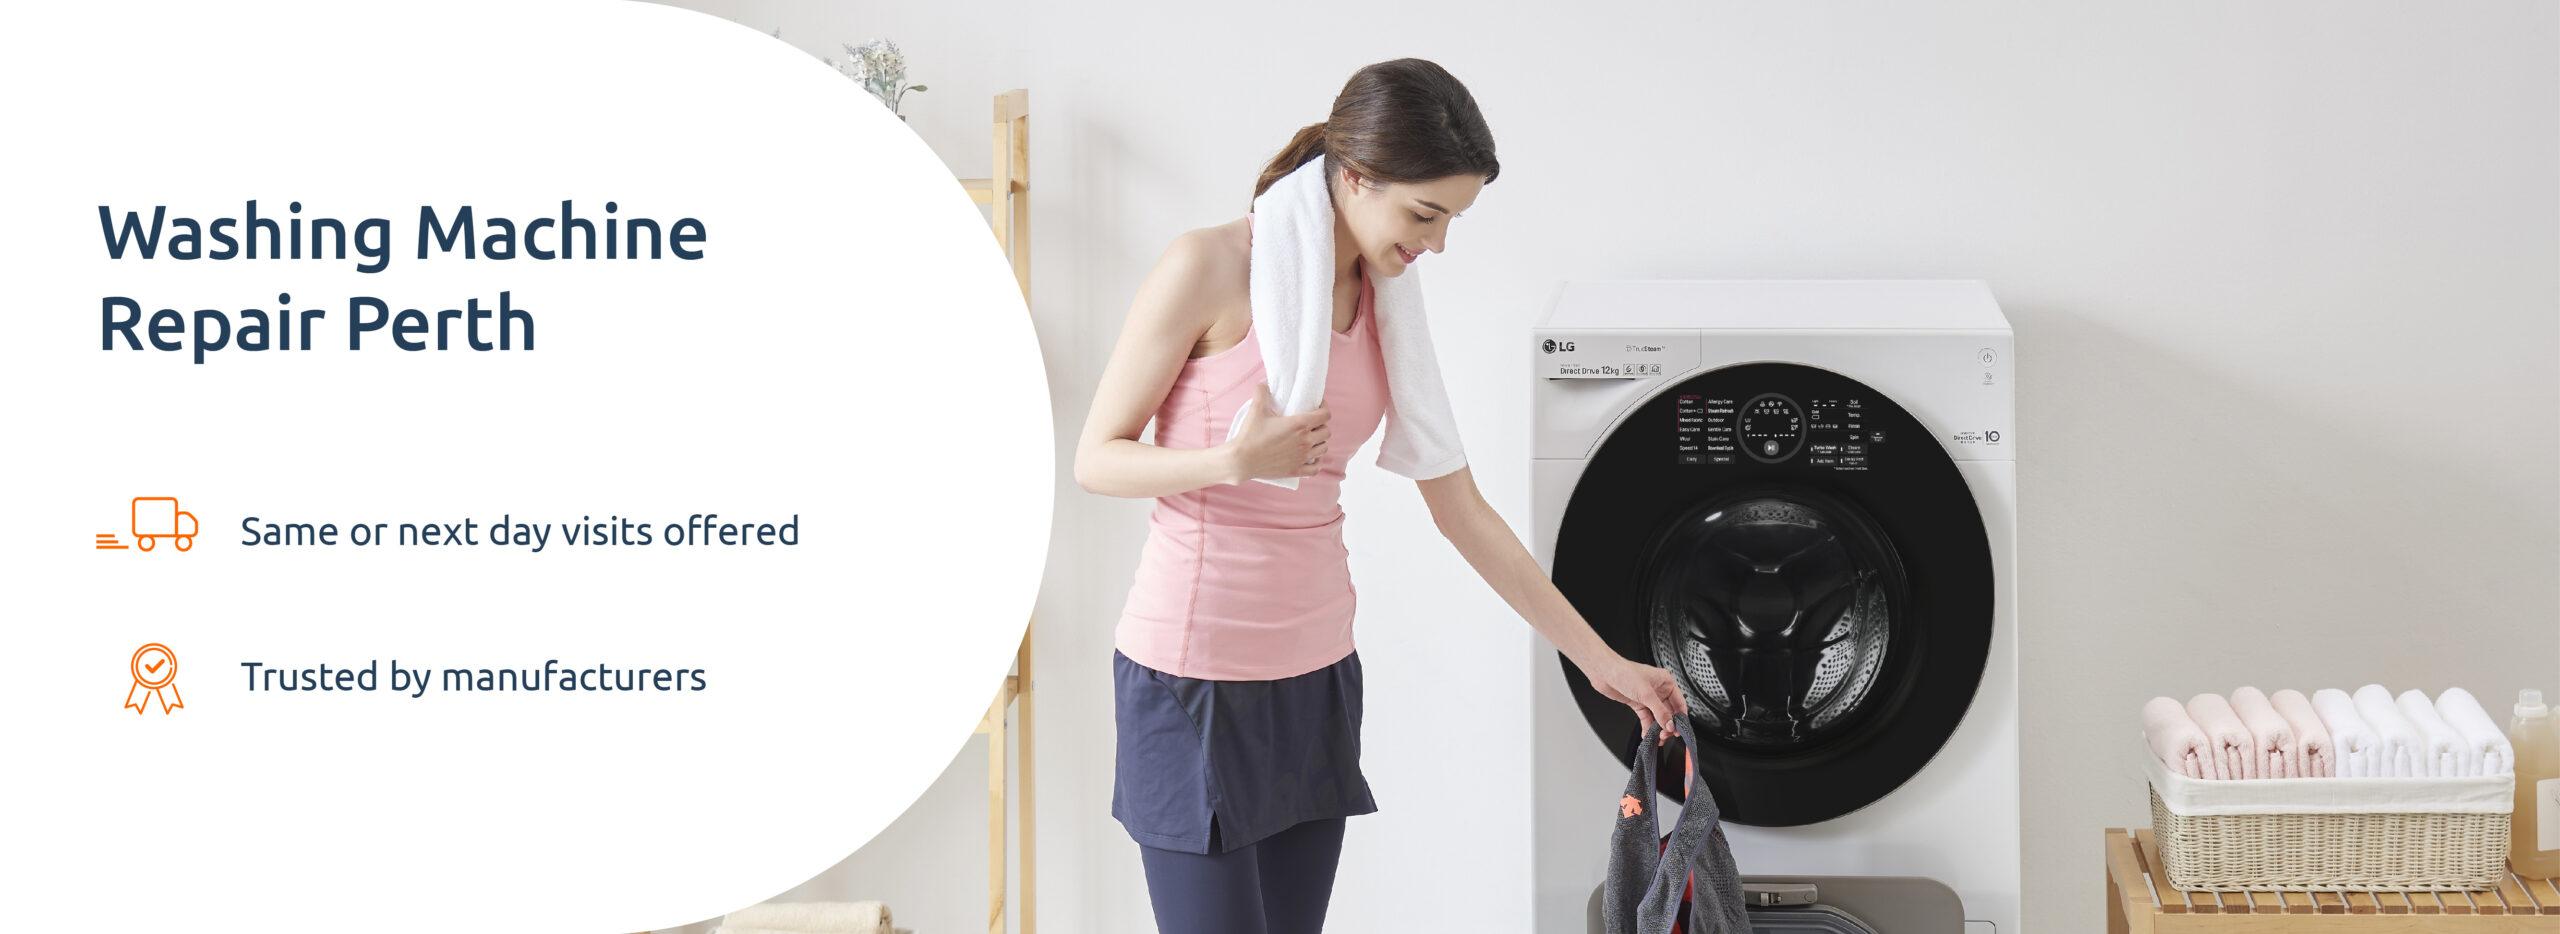 Washing Machine Repair Perth